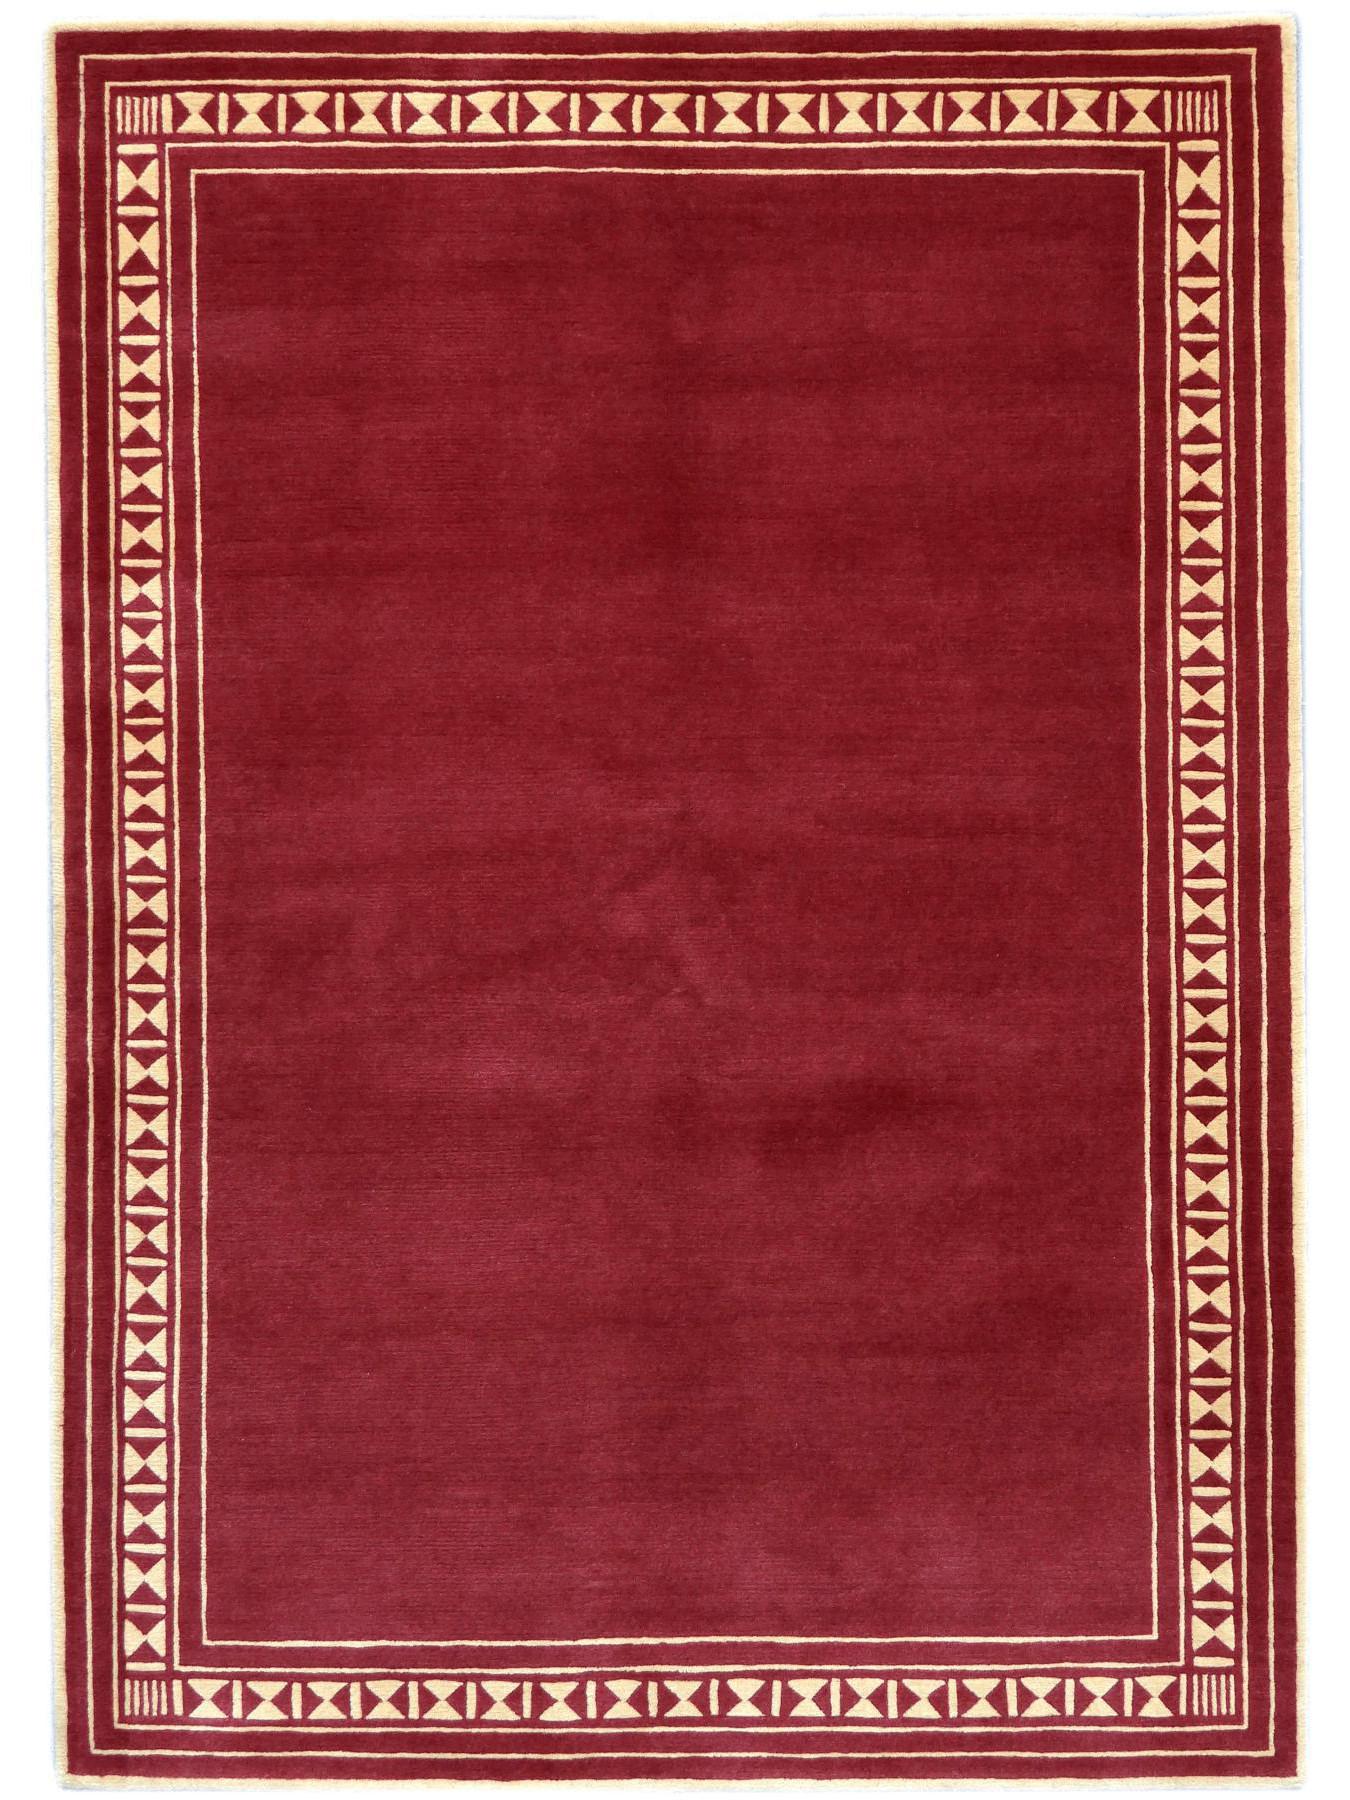 Tapijten met boorden - POCHARA-202 1050